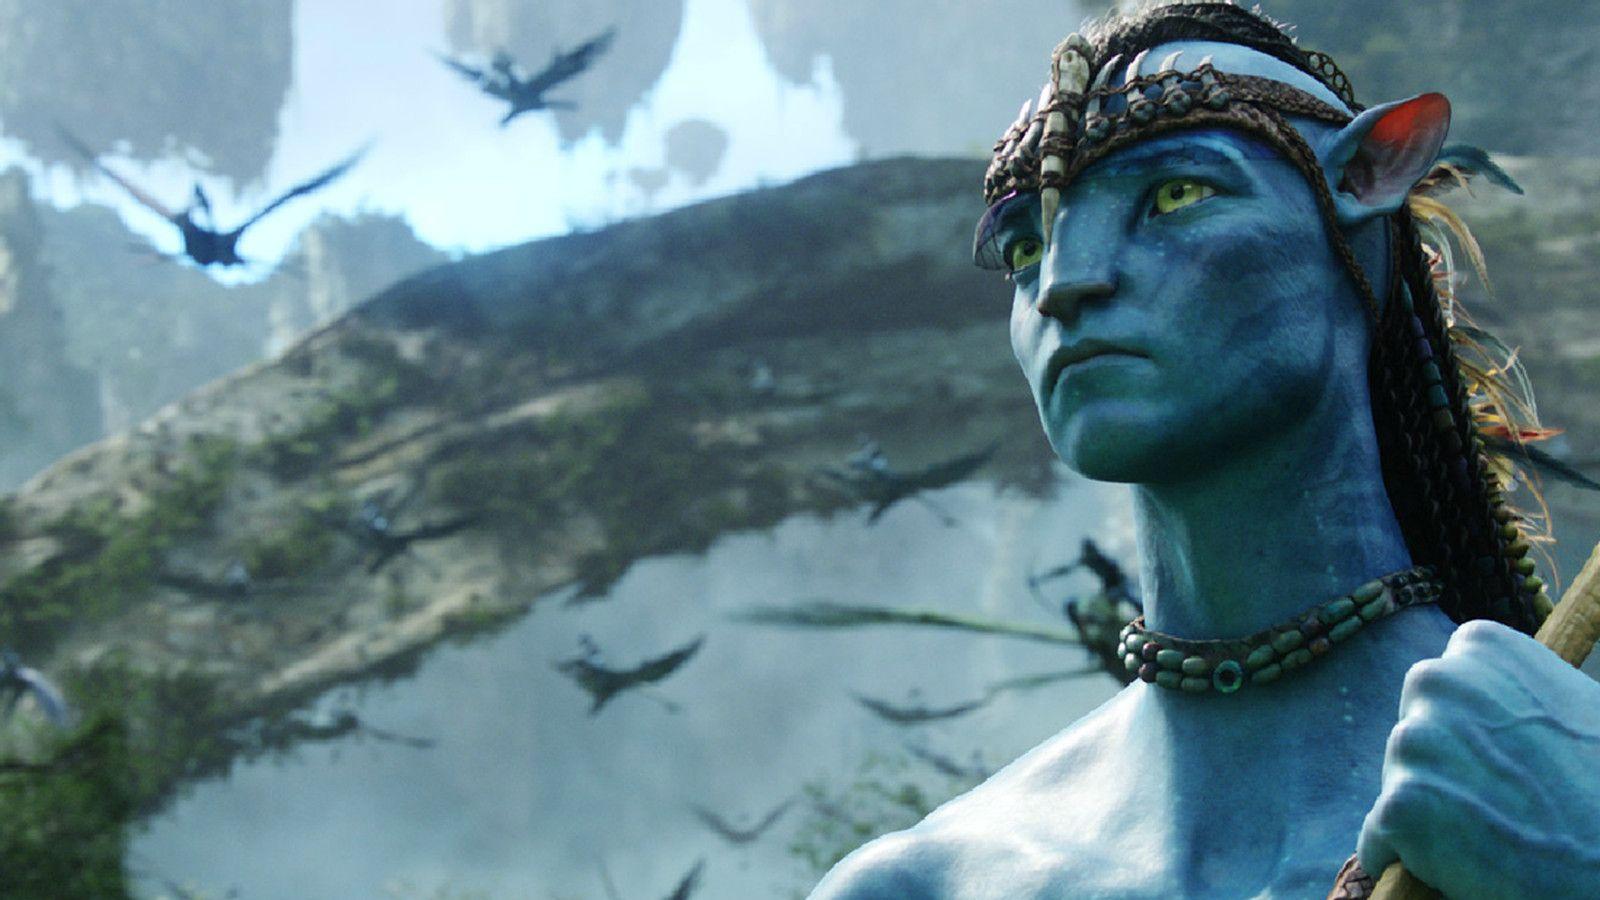 Avatar Porno Pelicula avatar 2: james cameron señala que film podría superar a